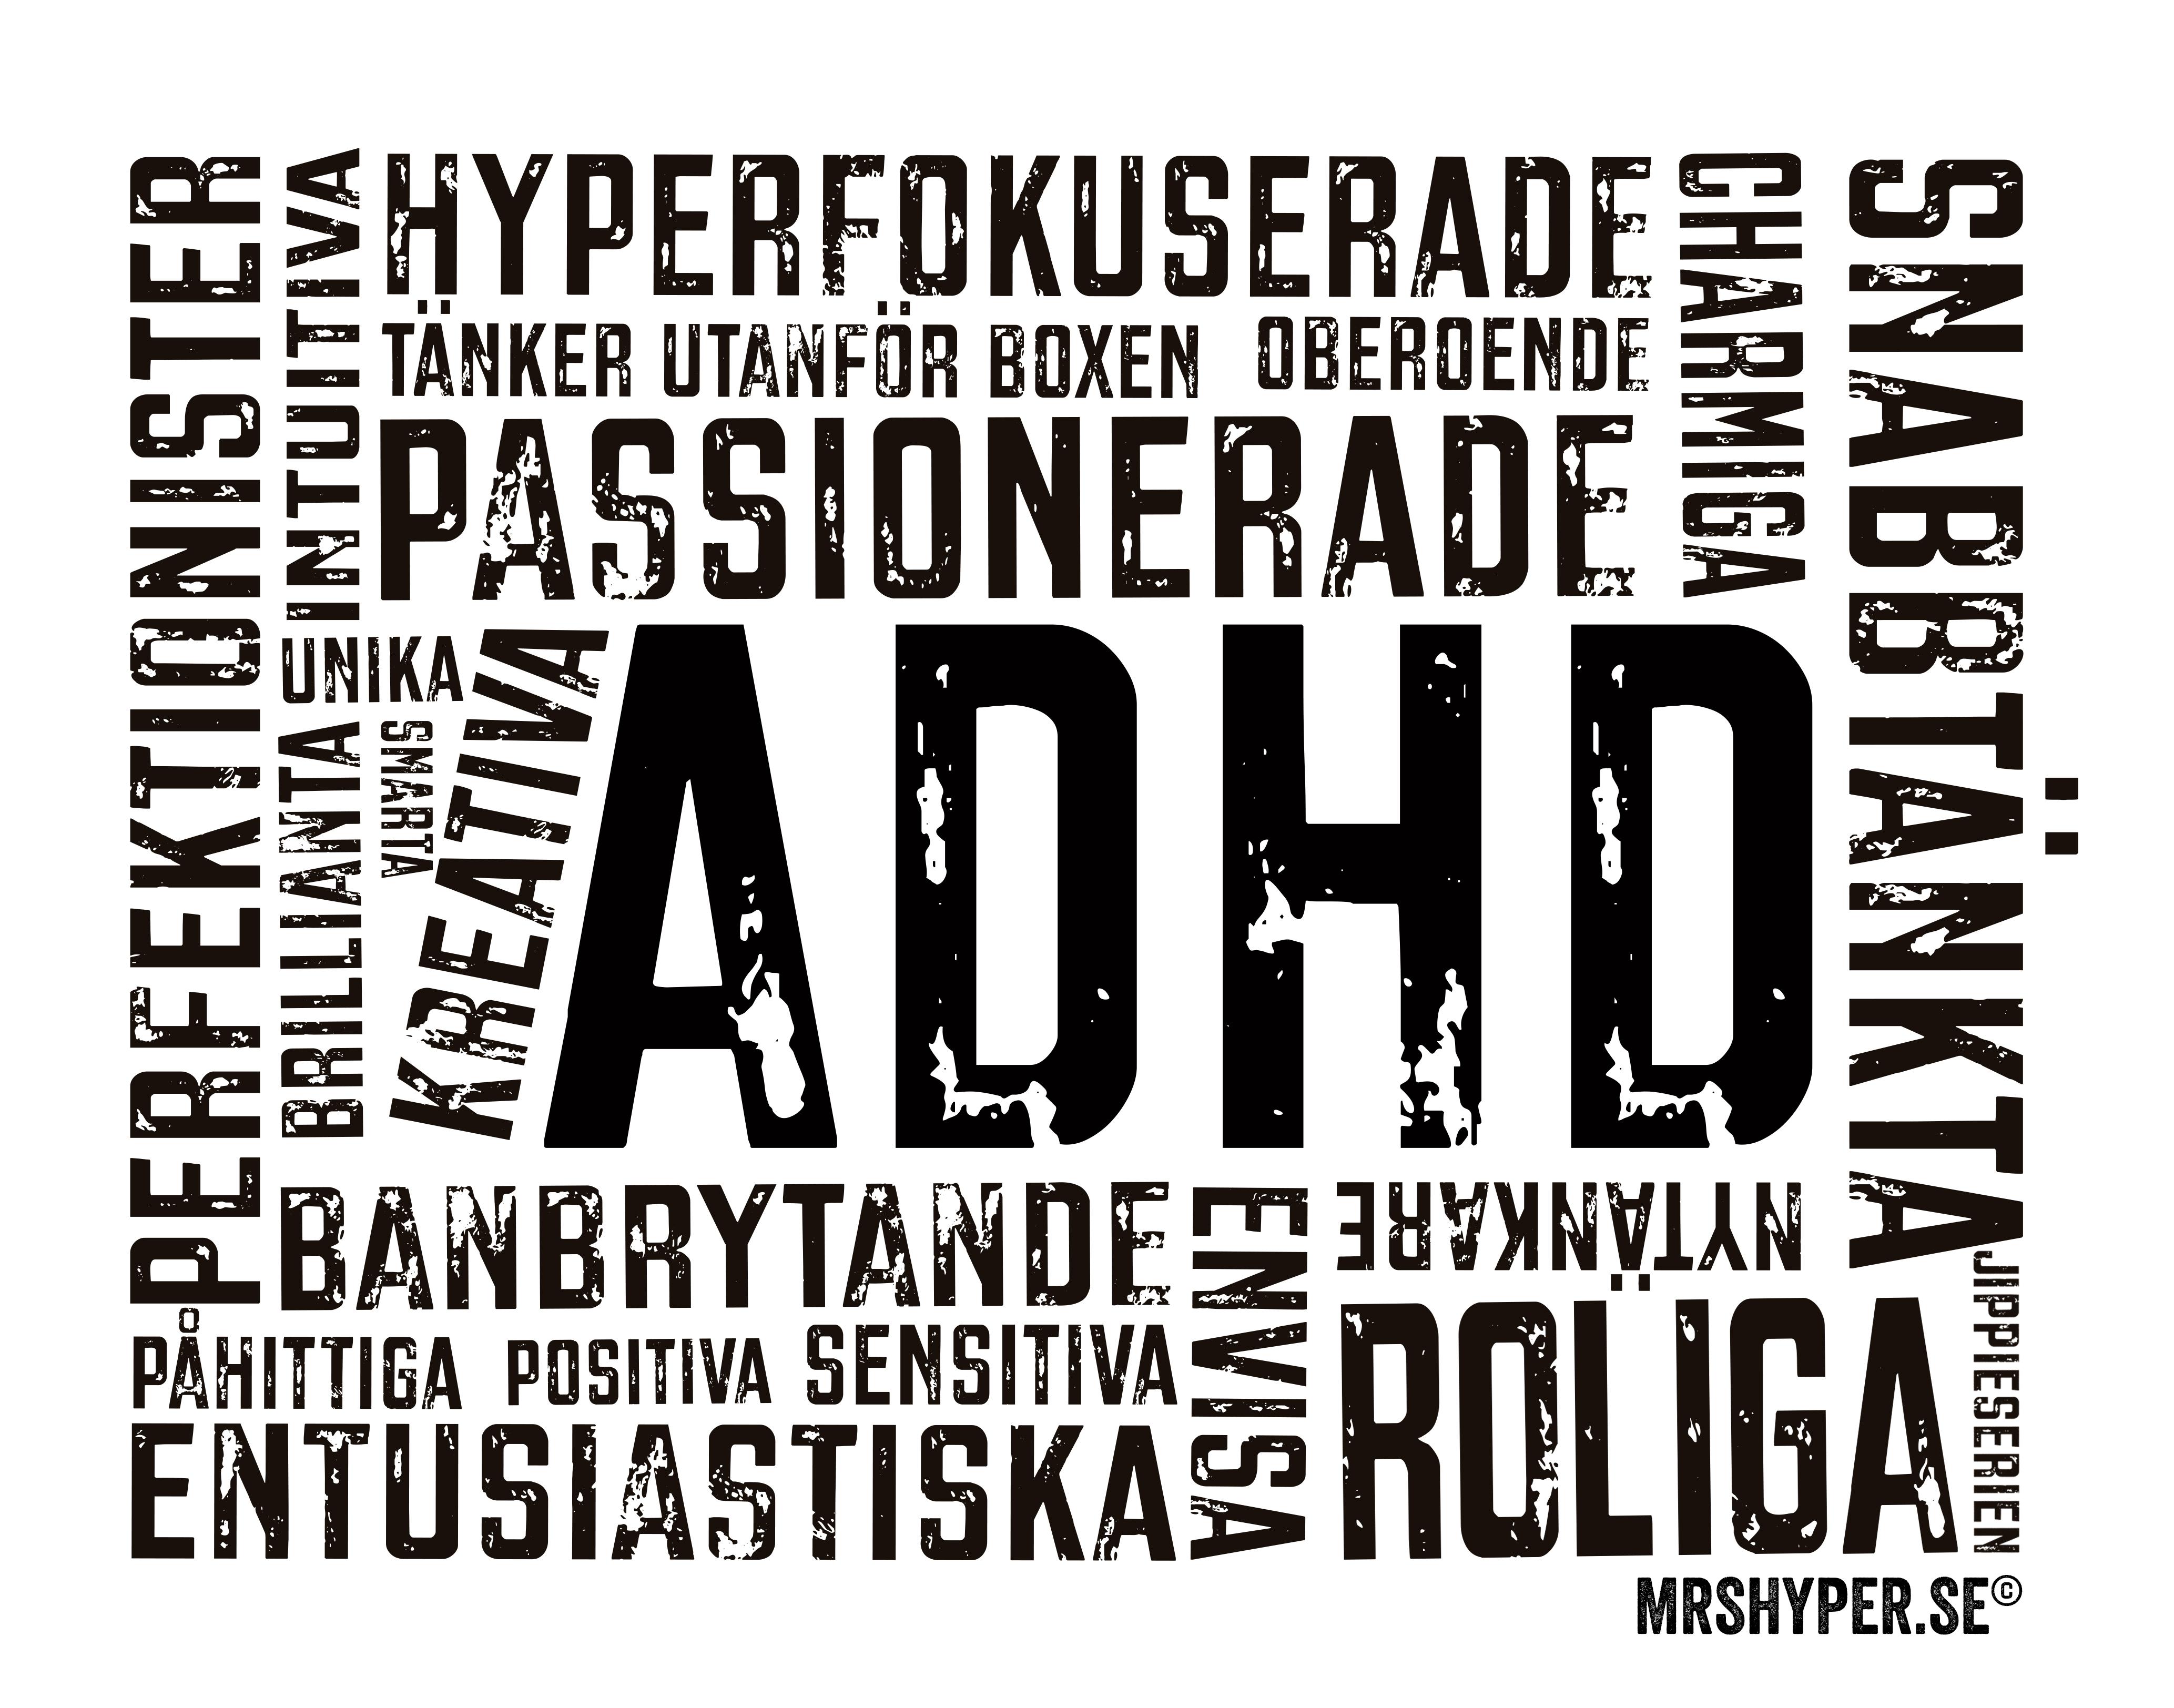 """ADHD tavlan eller """"bara-måste-ha-tavlan""""?"""